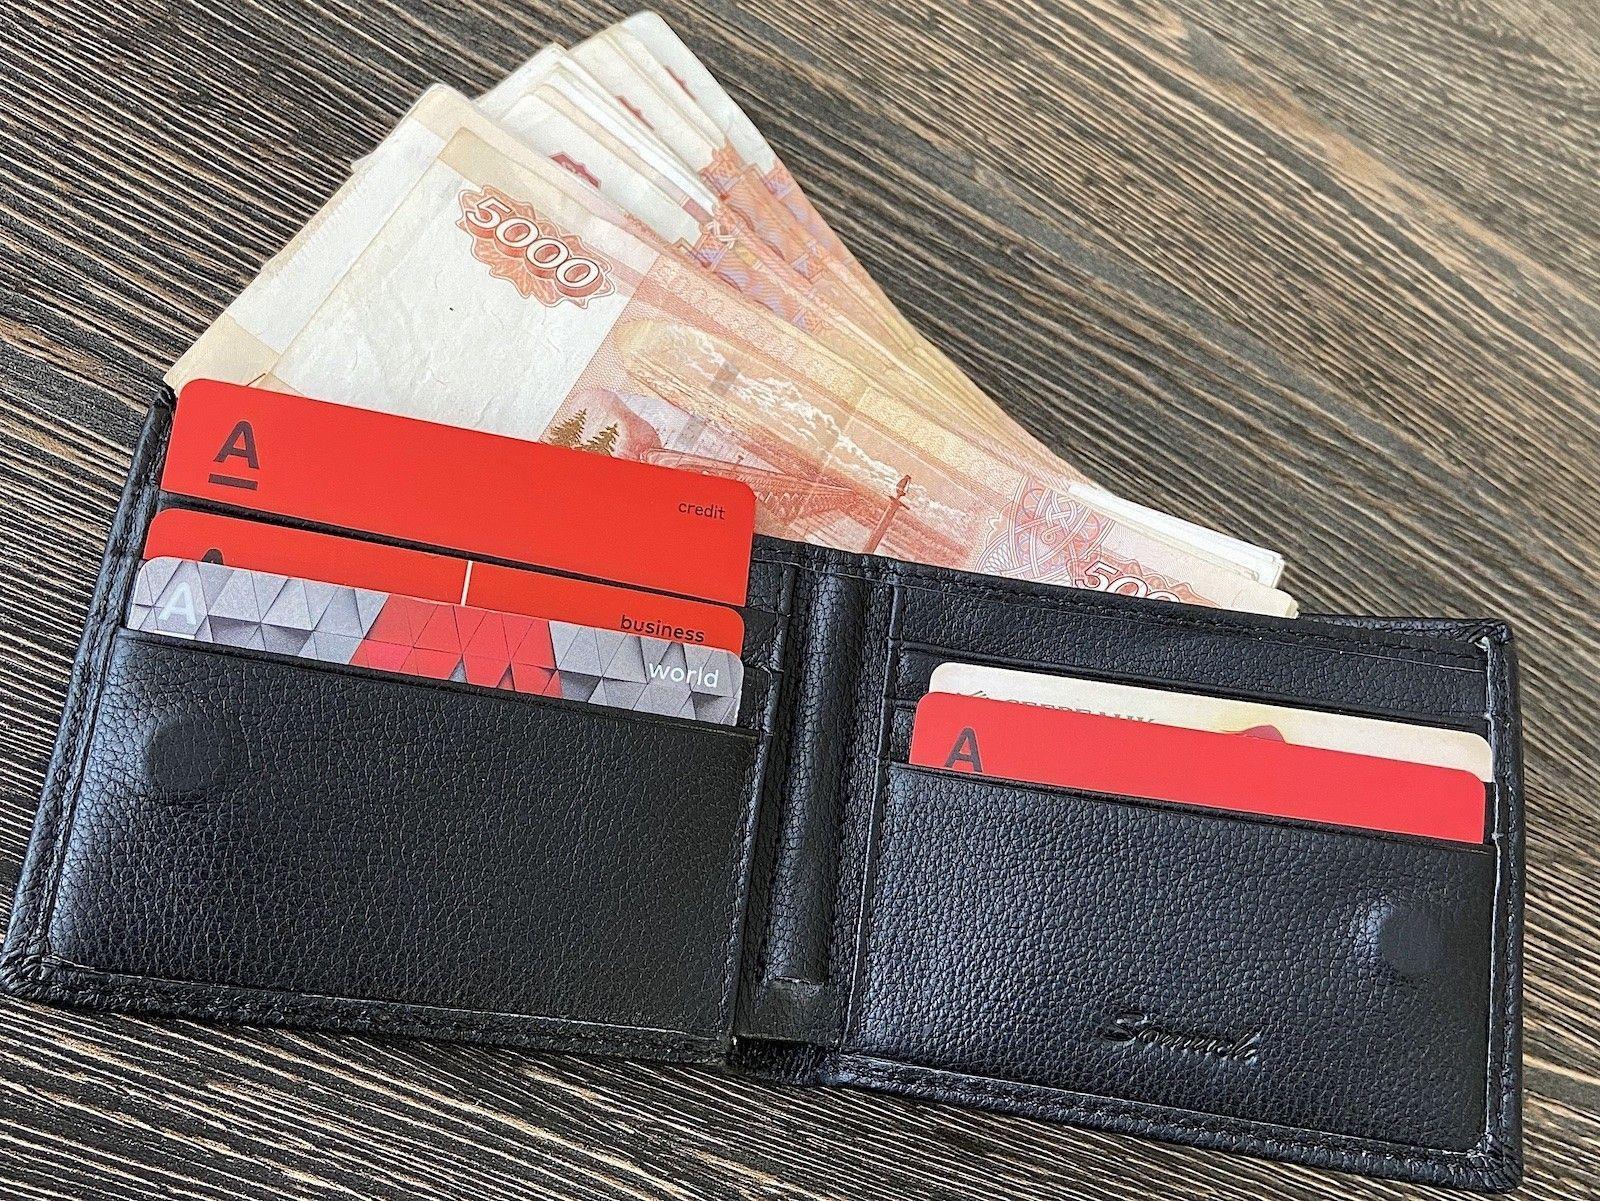 альфа банк кредитки